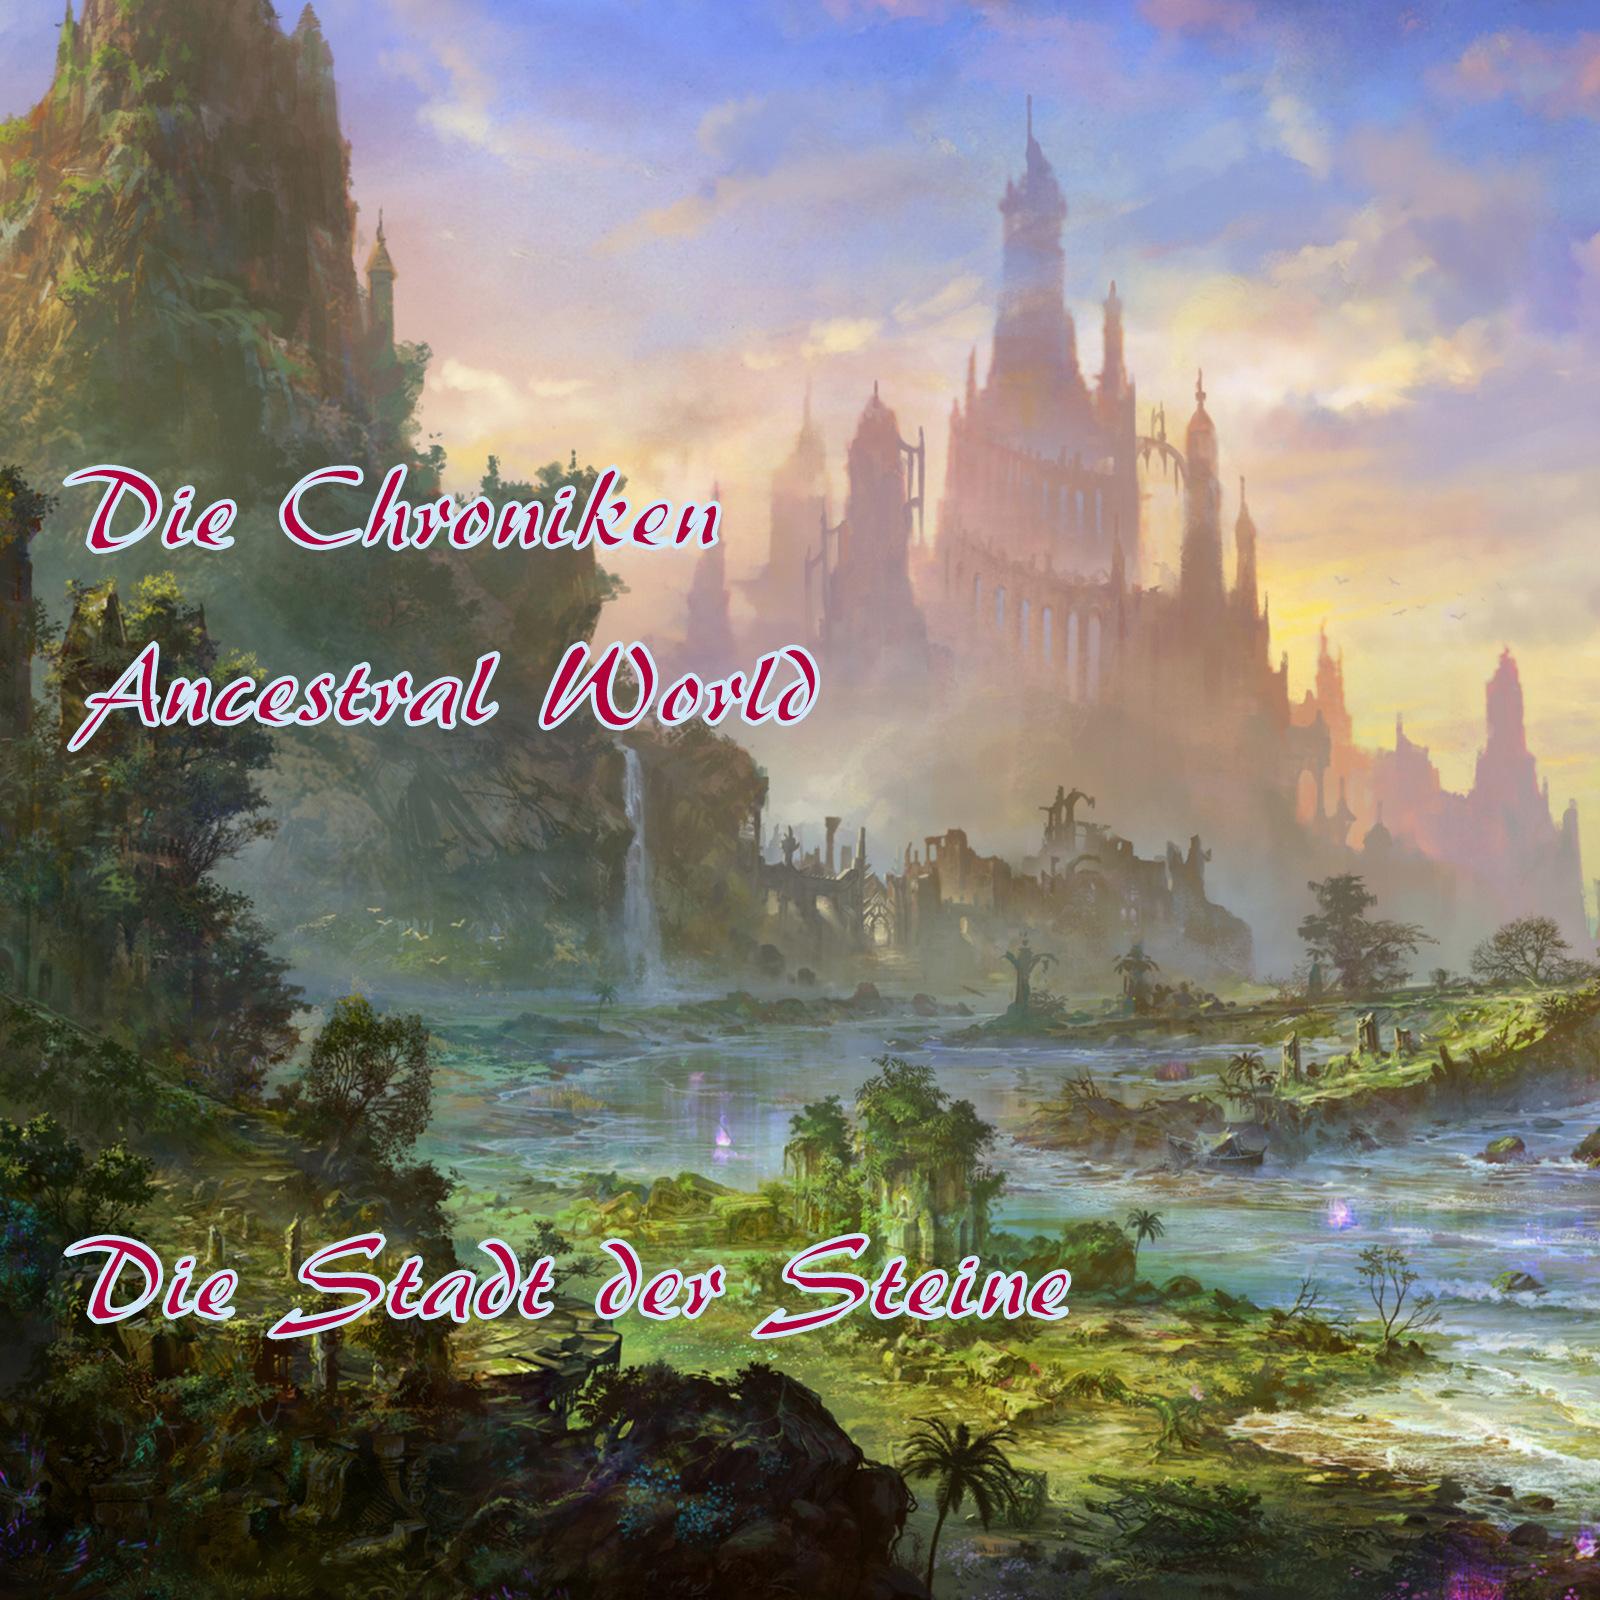 Ancestral World 04 - Die Stadt der Steine